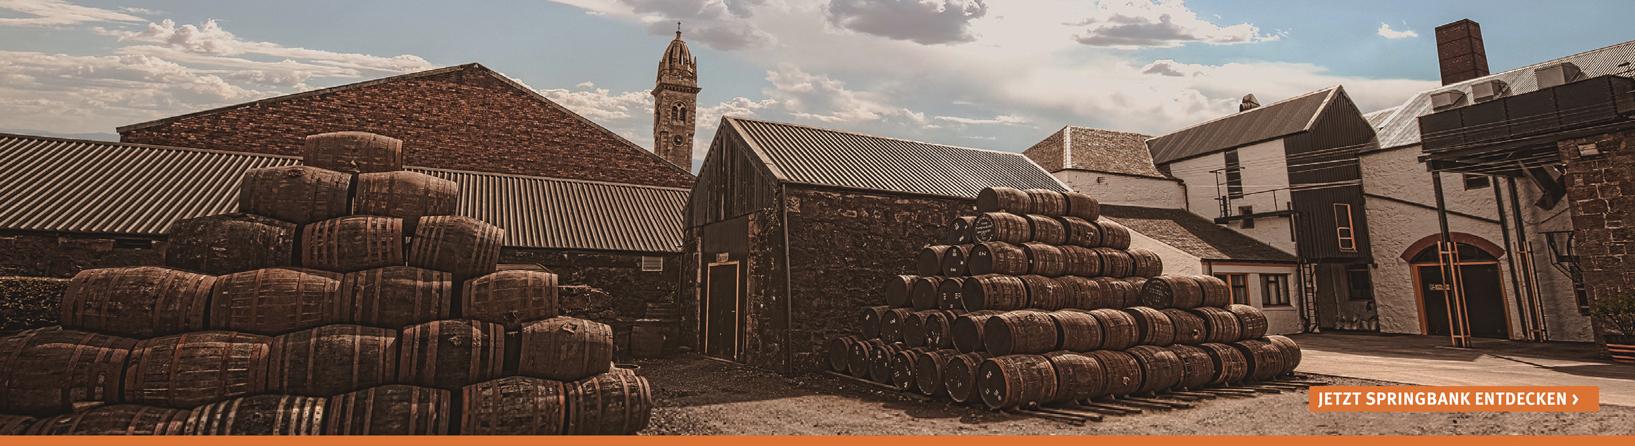 Springbank Distillerie